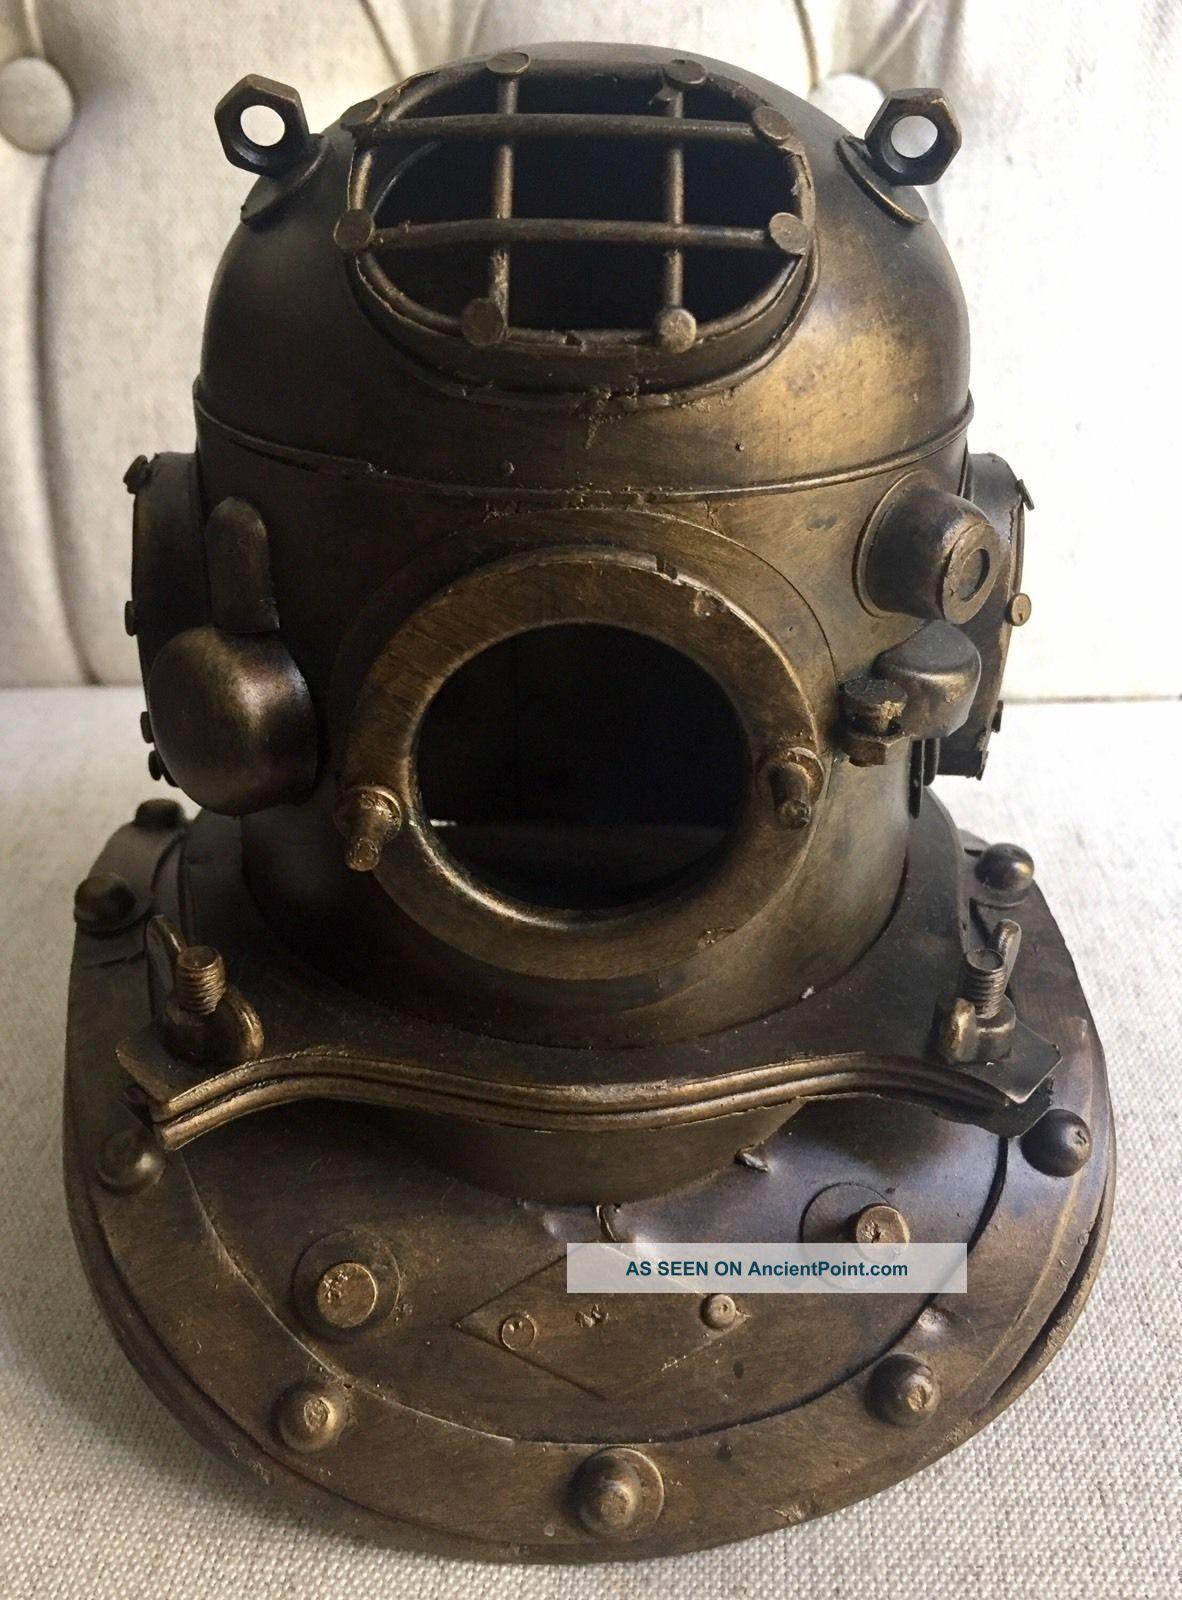 Nautical Decor Aged Bronze Scuba Diving,  Divers Helmet Diving Helmets photo